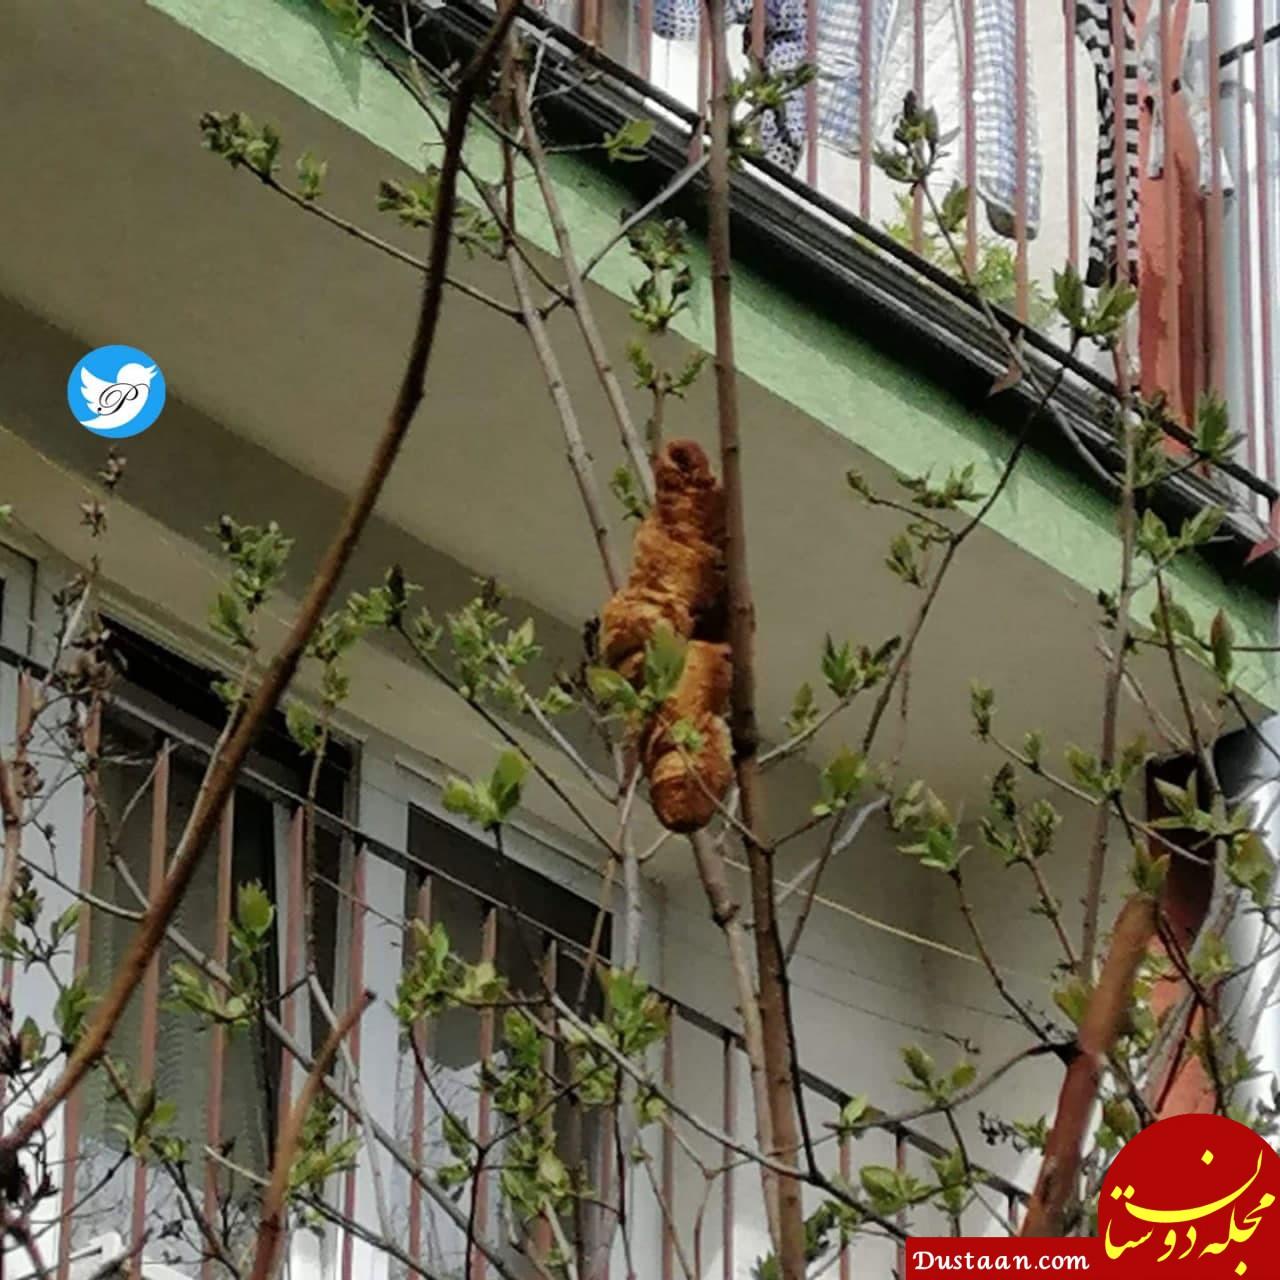 حیوان بی سری که سوژه رسانه ها شد! +عکس